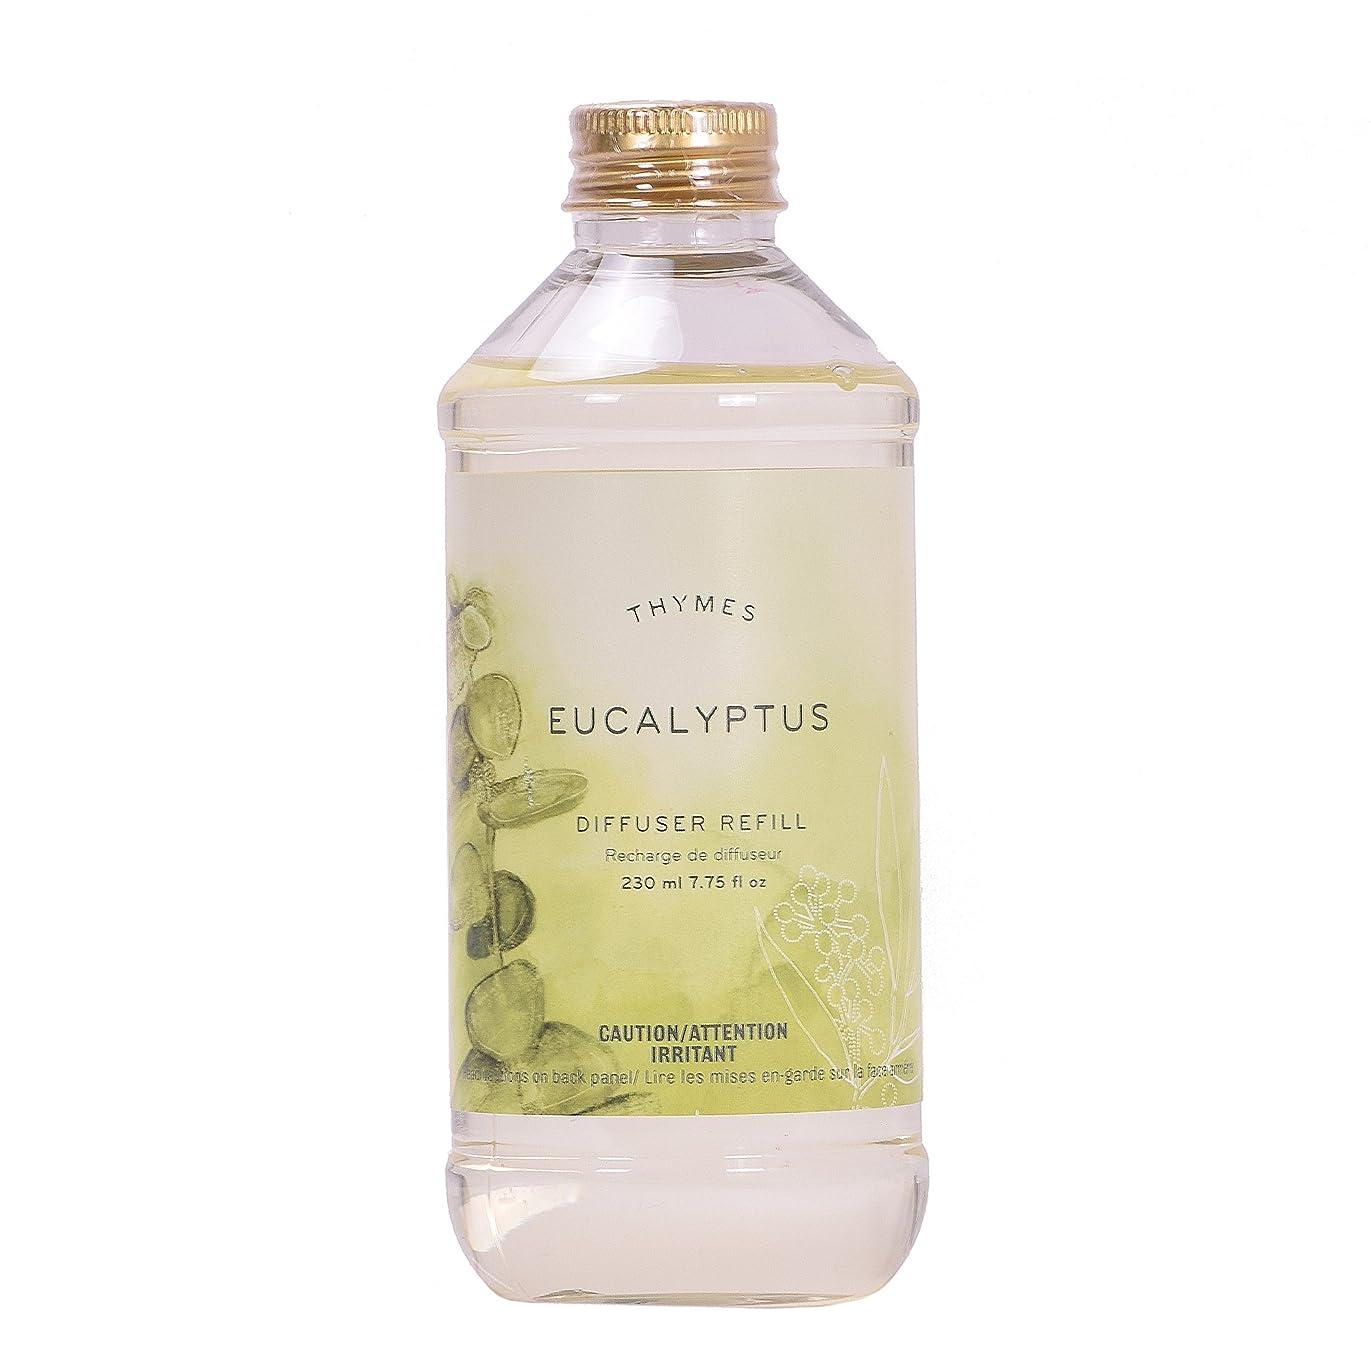 住人振る回復するタイムズ Aromatic Diffuser Refill - Eucalyptus -並行輸入品